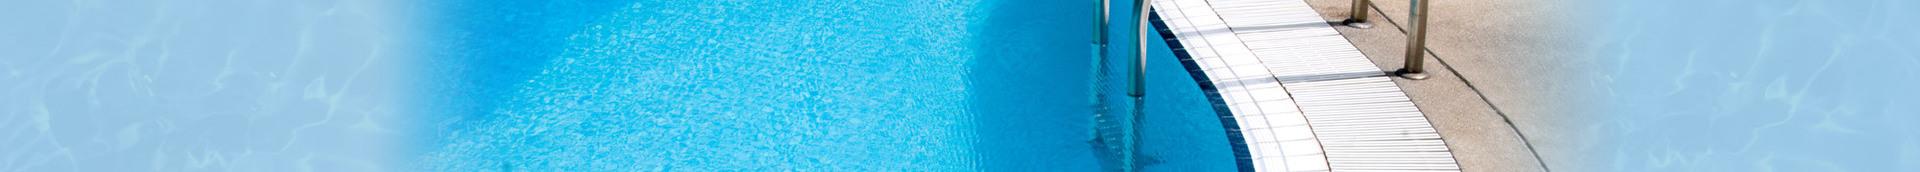 detección-fugas-en-piscinas